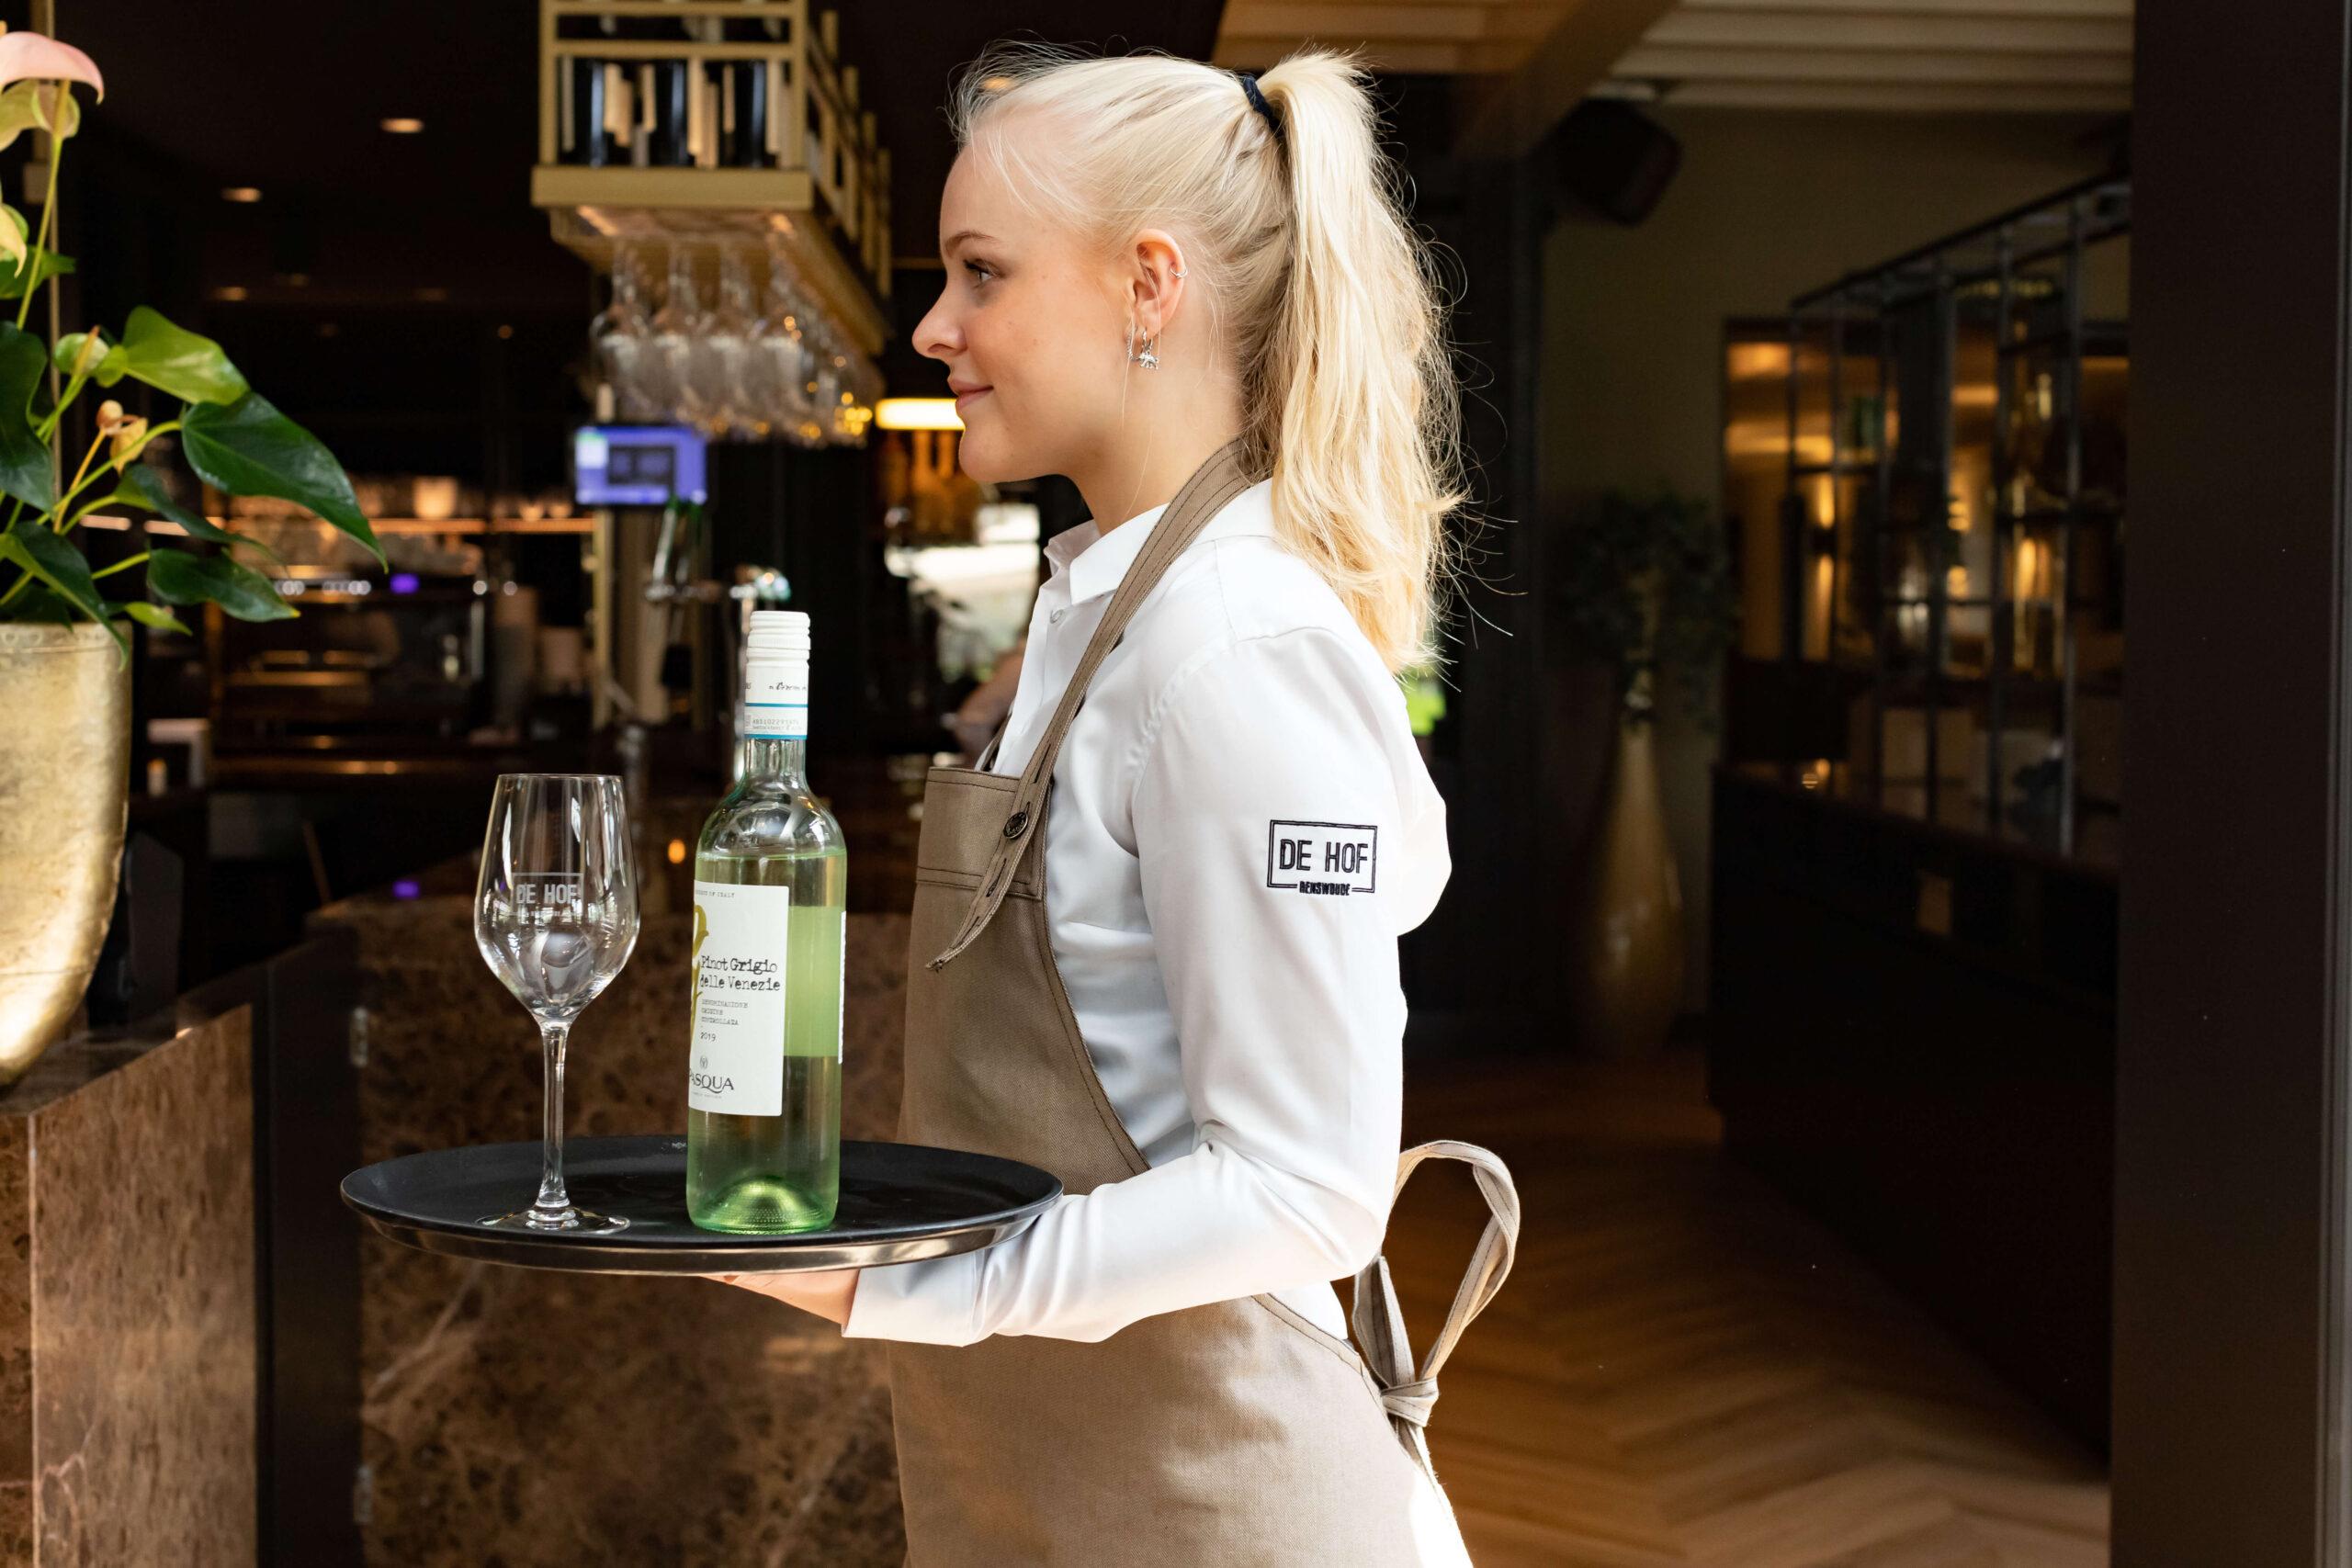 Kleding restaurant De Hof